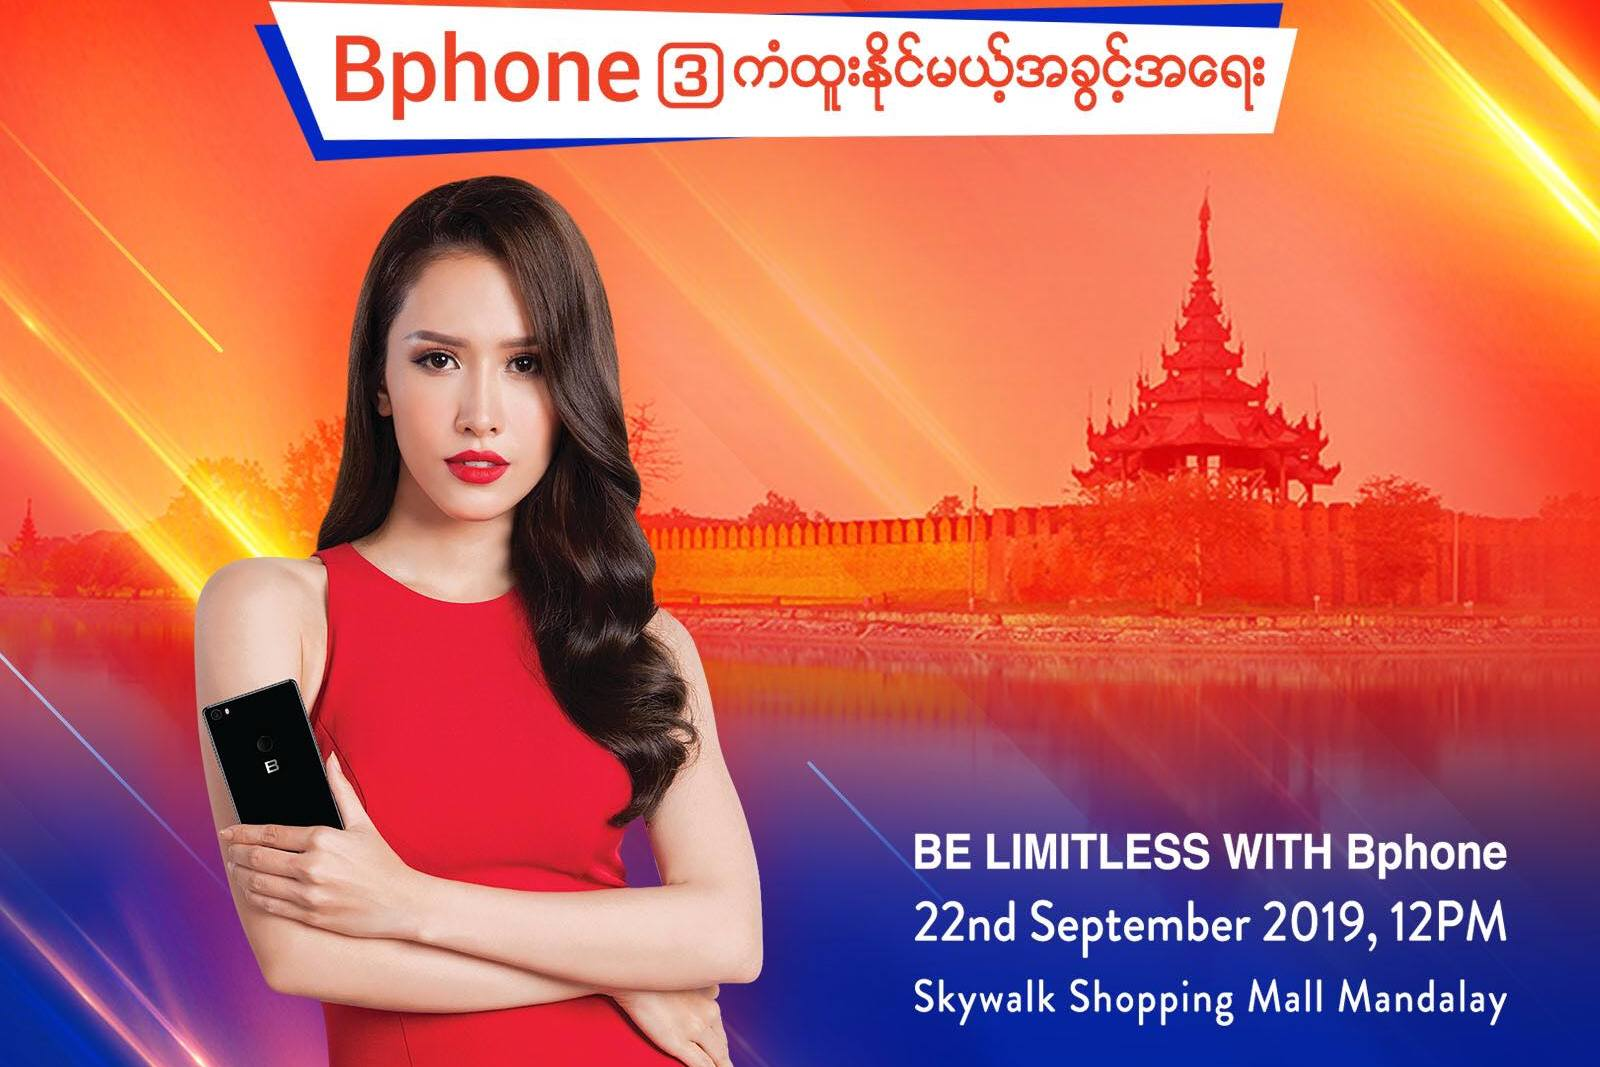 Bphone 3 sắp có sự kiện offline cực lớn tại Mandalay, Myanmar